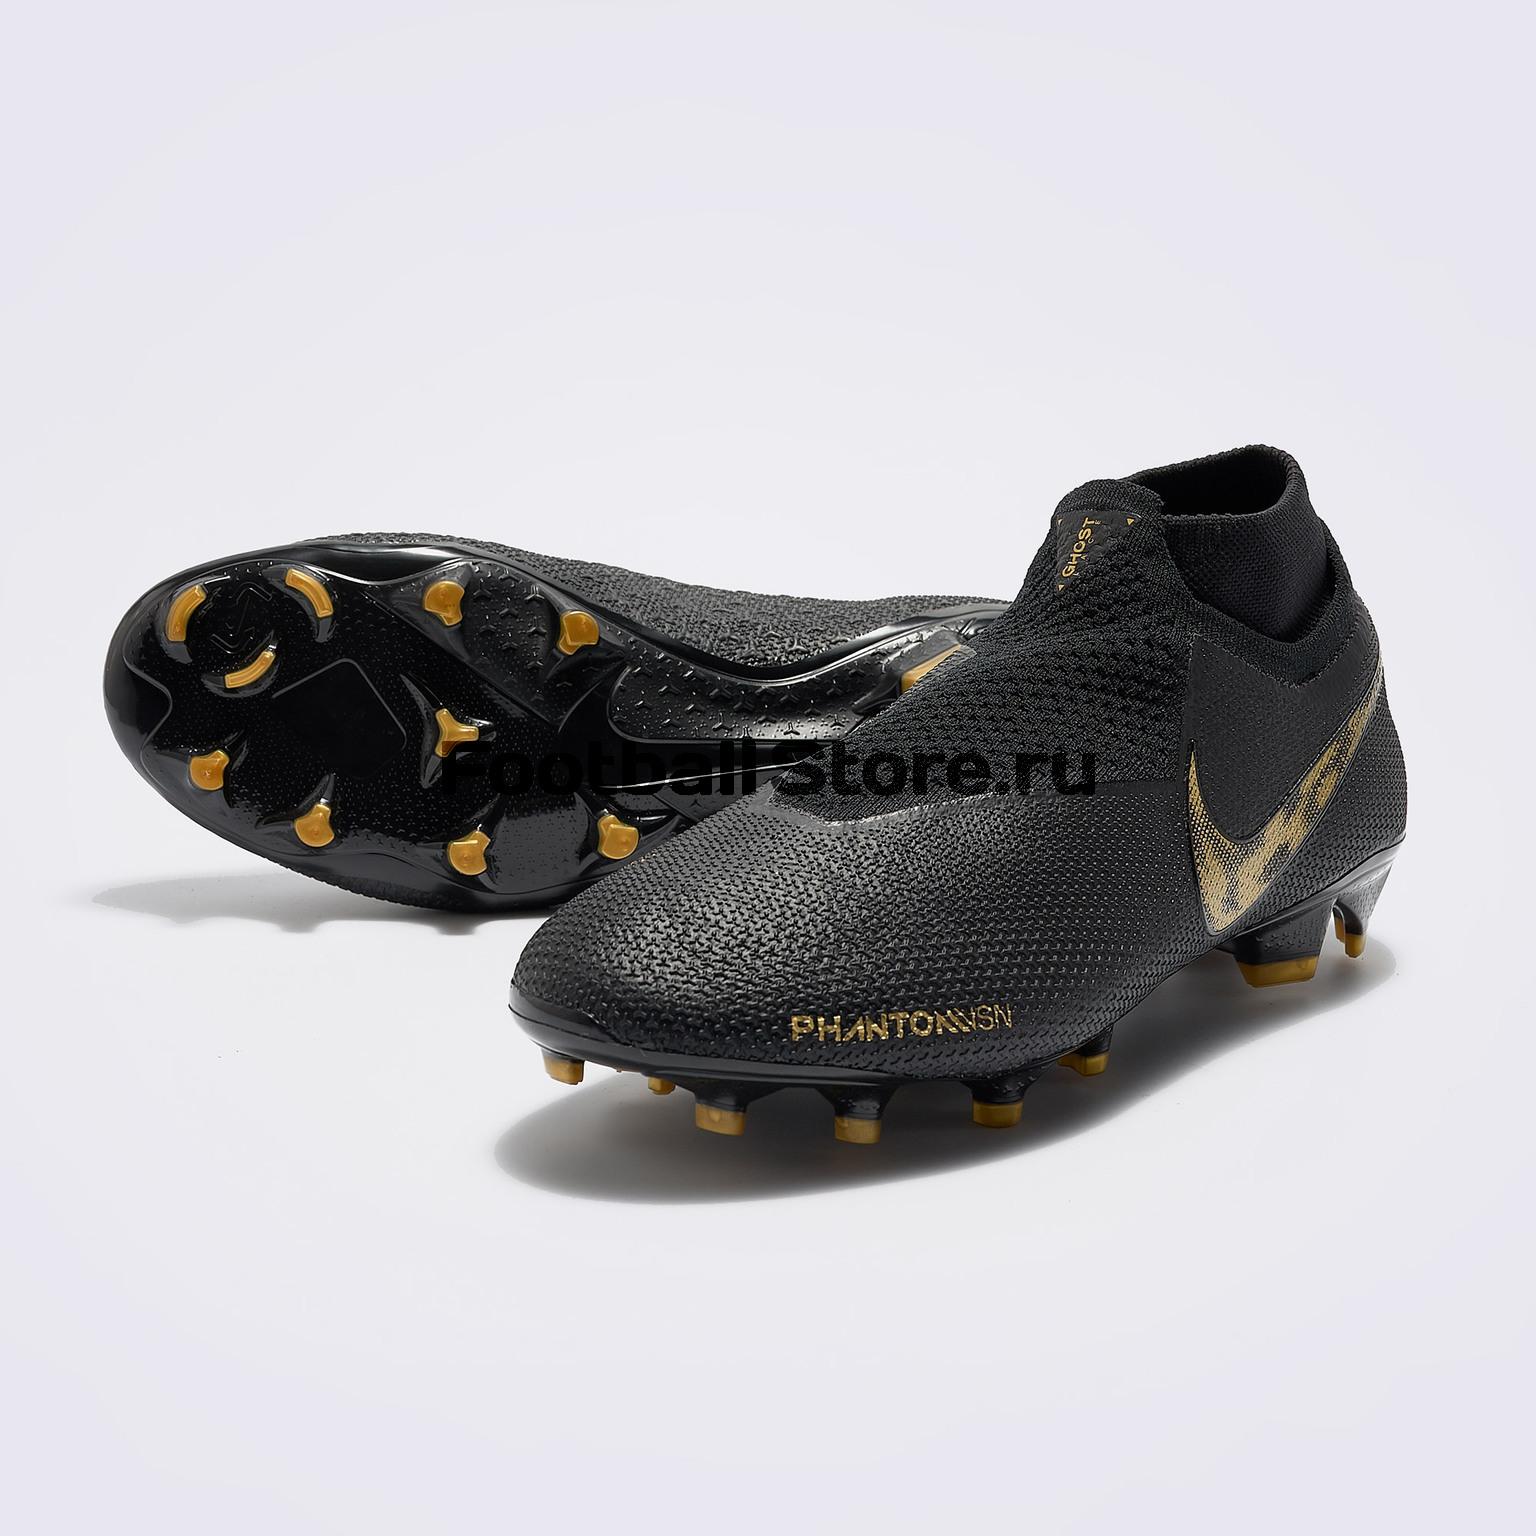 Бутсы Nike Phantom Vision Elite DF FG AO3262-077 бутсы nike hypervenom 3 elite df ag pro aj3819 107